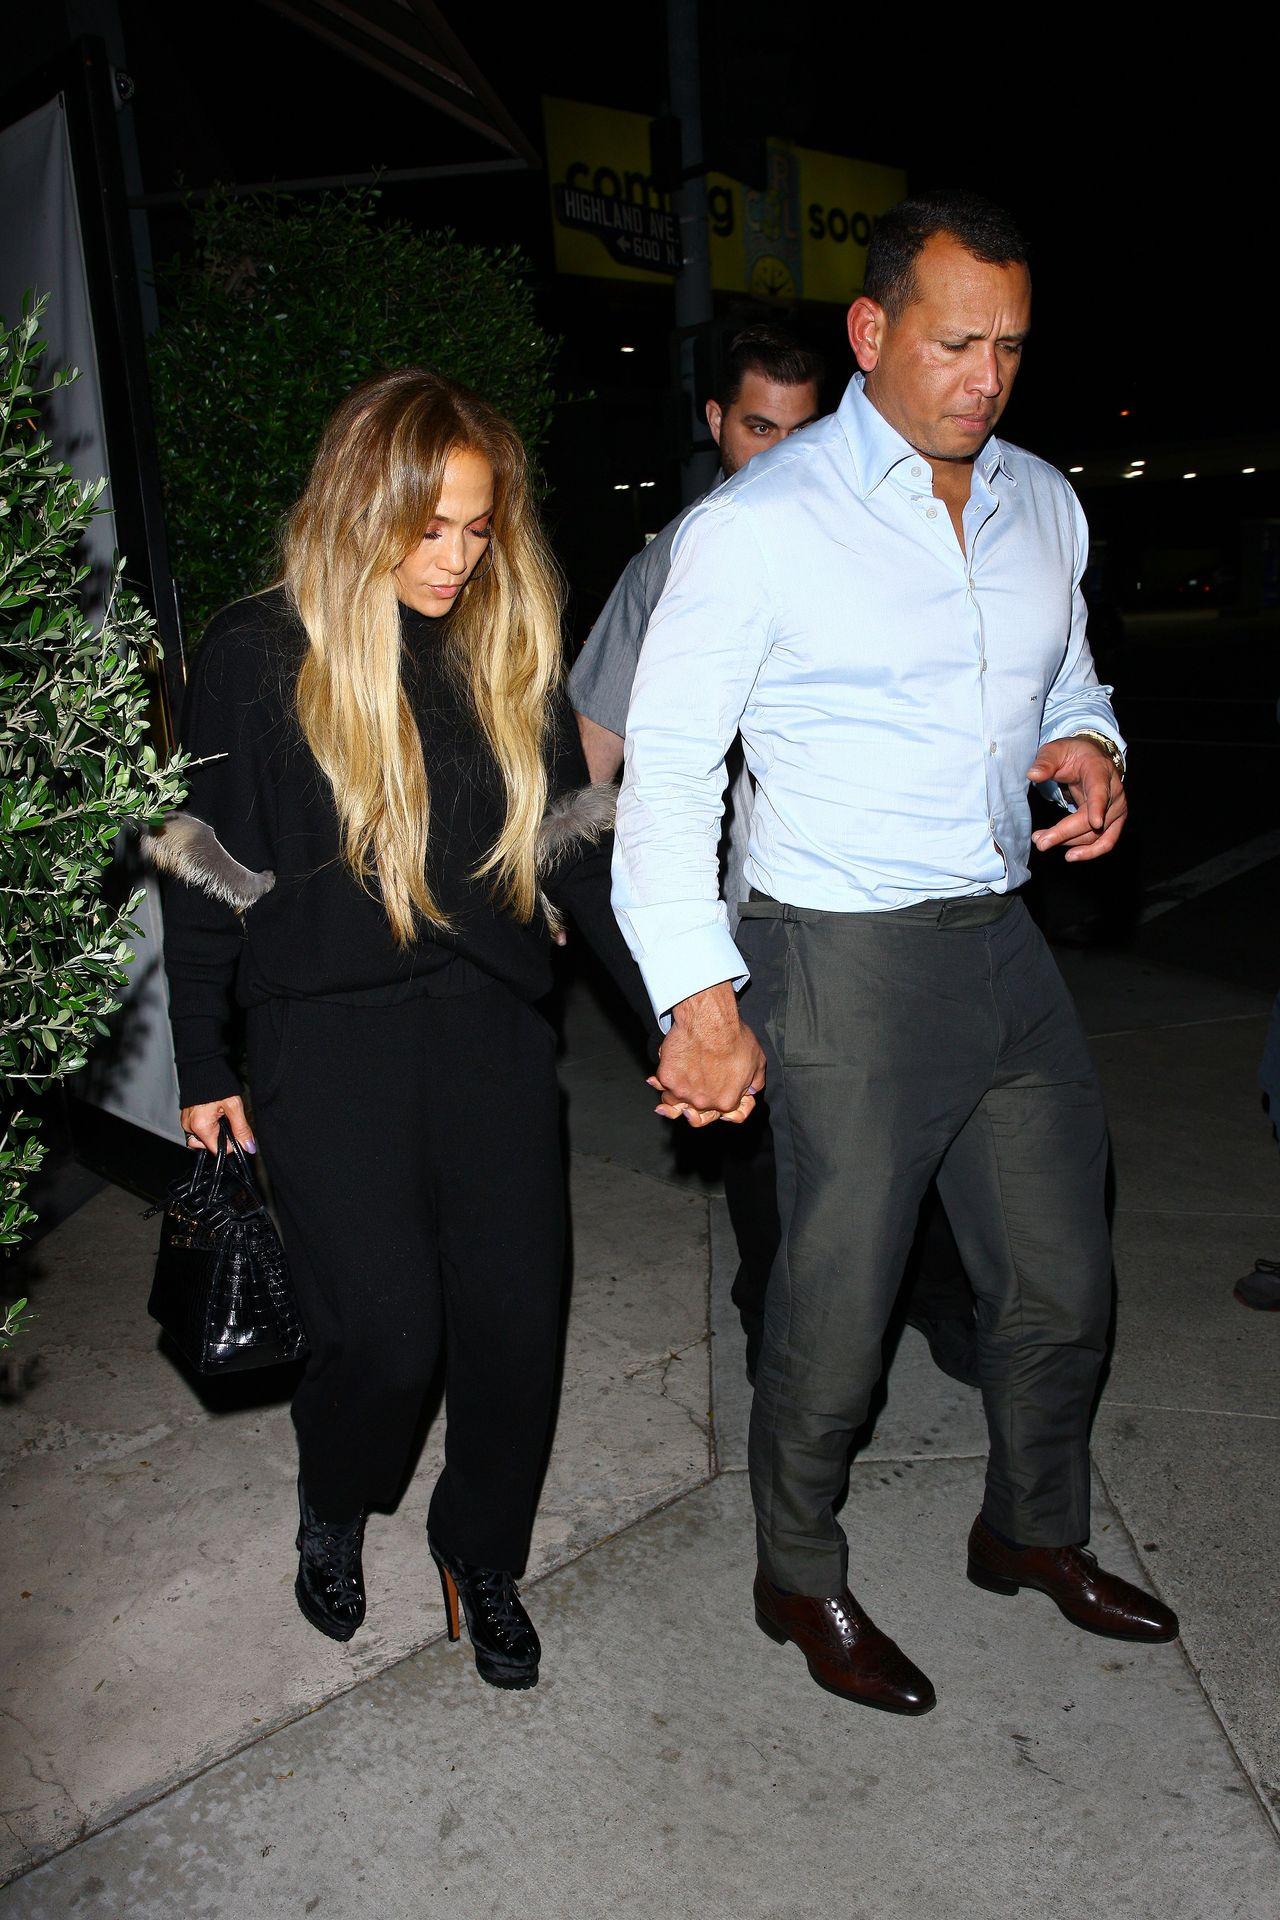 OKROPNA fryzura i nieudana stylizacja Jennifer Lopez (ZDJĘCIA)